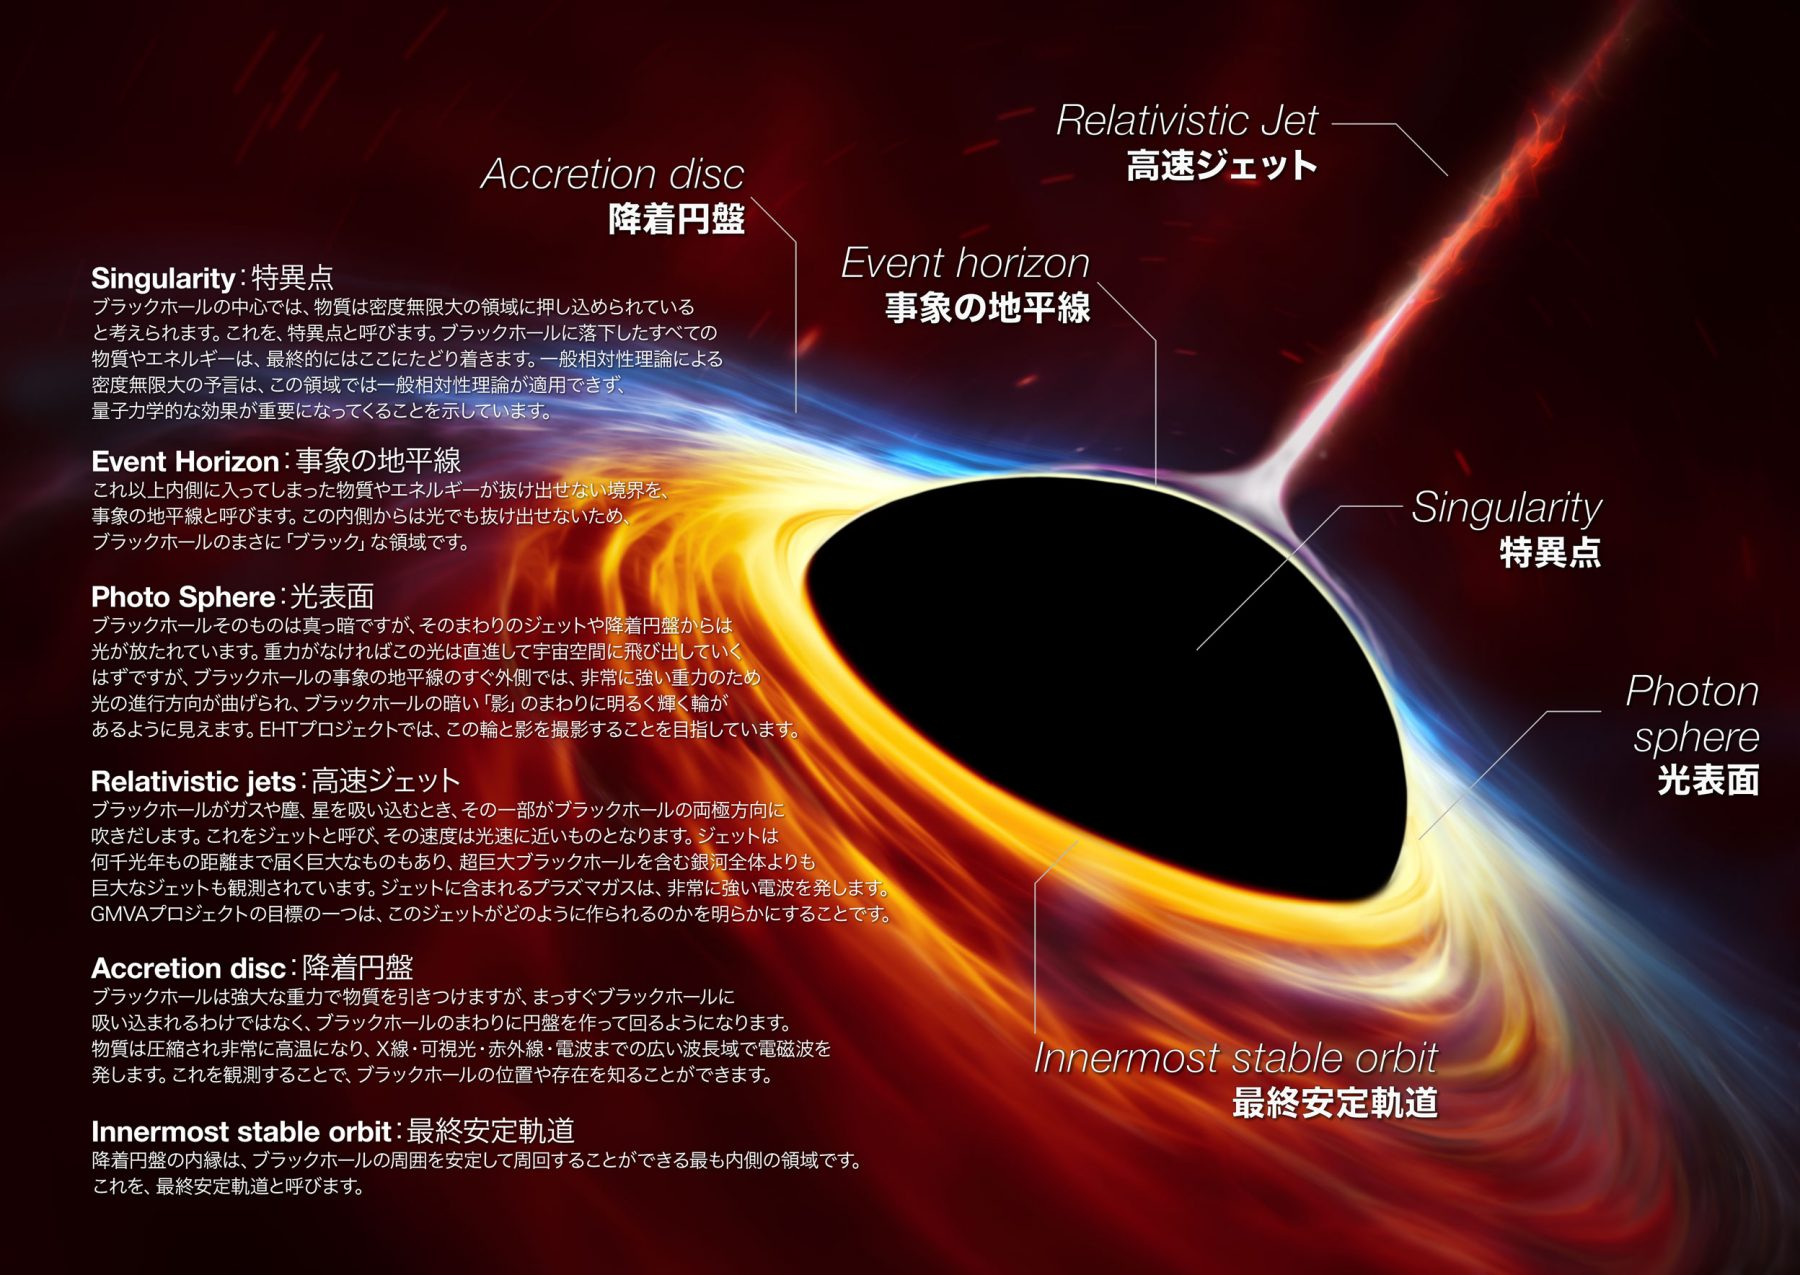 ブラックホールとは何かの解説図